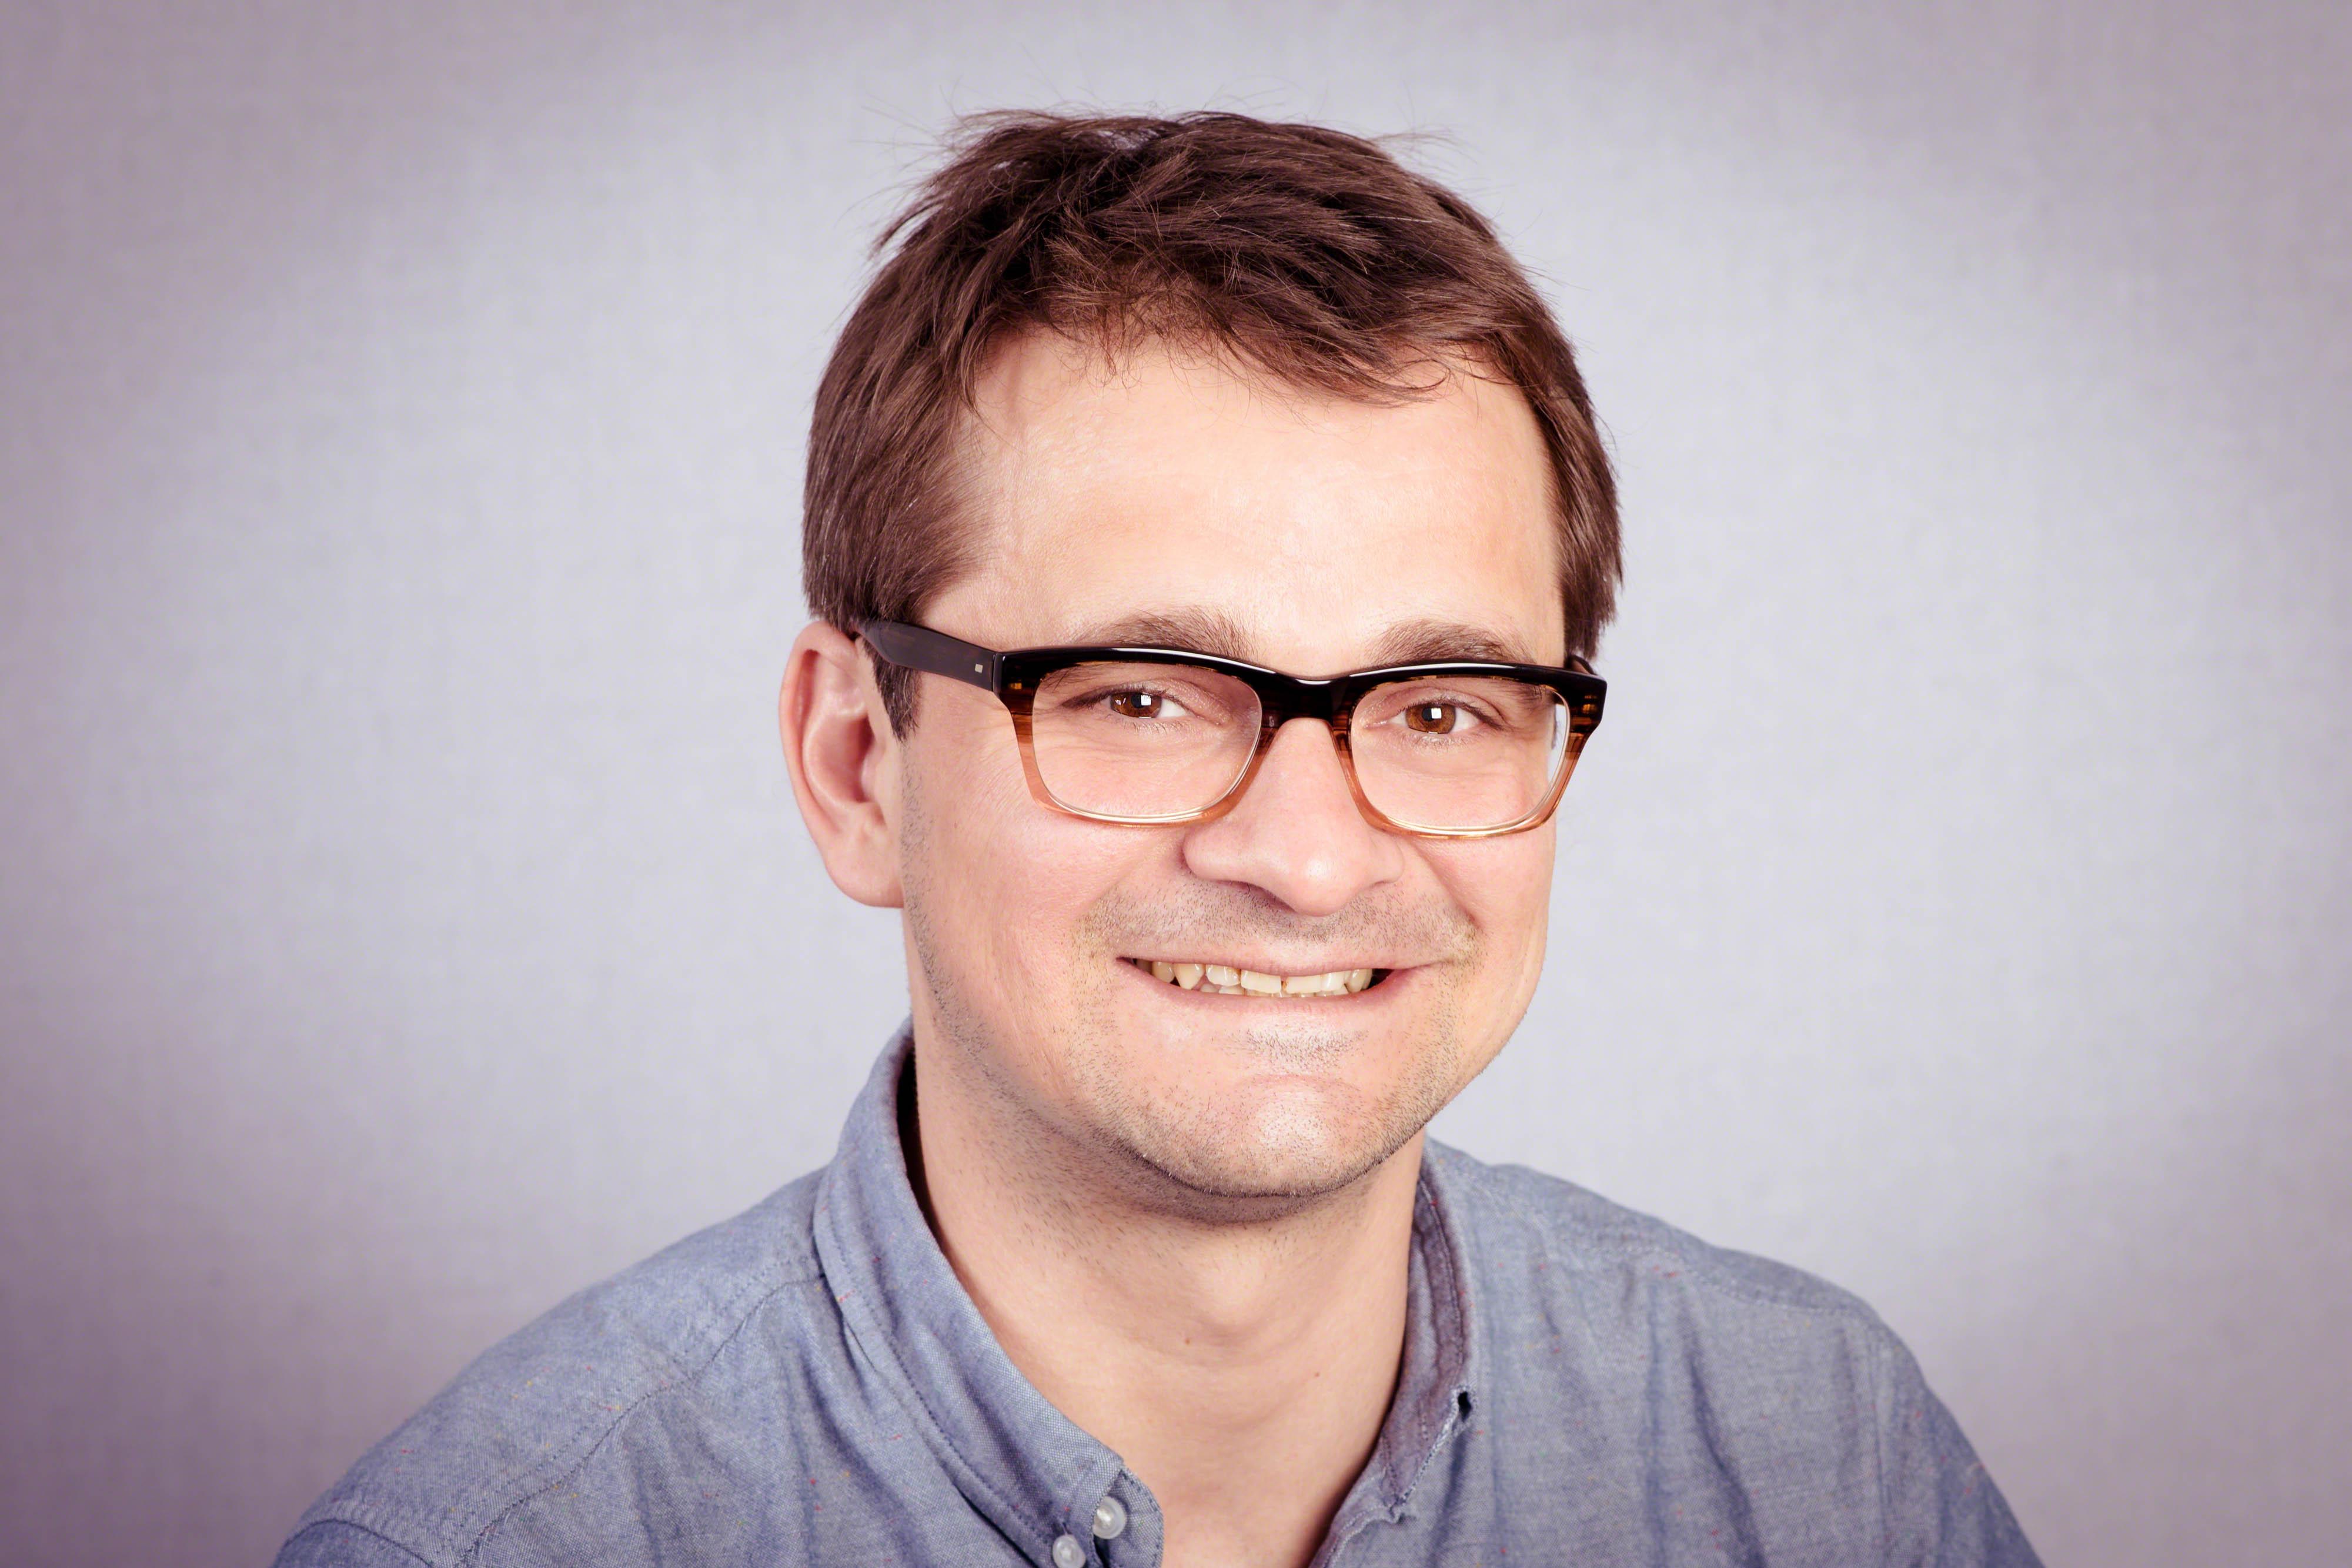 Bernhard Benke